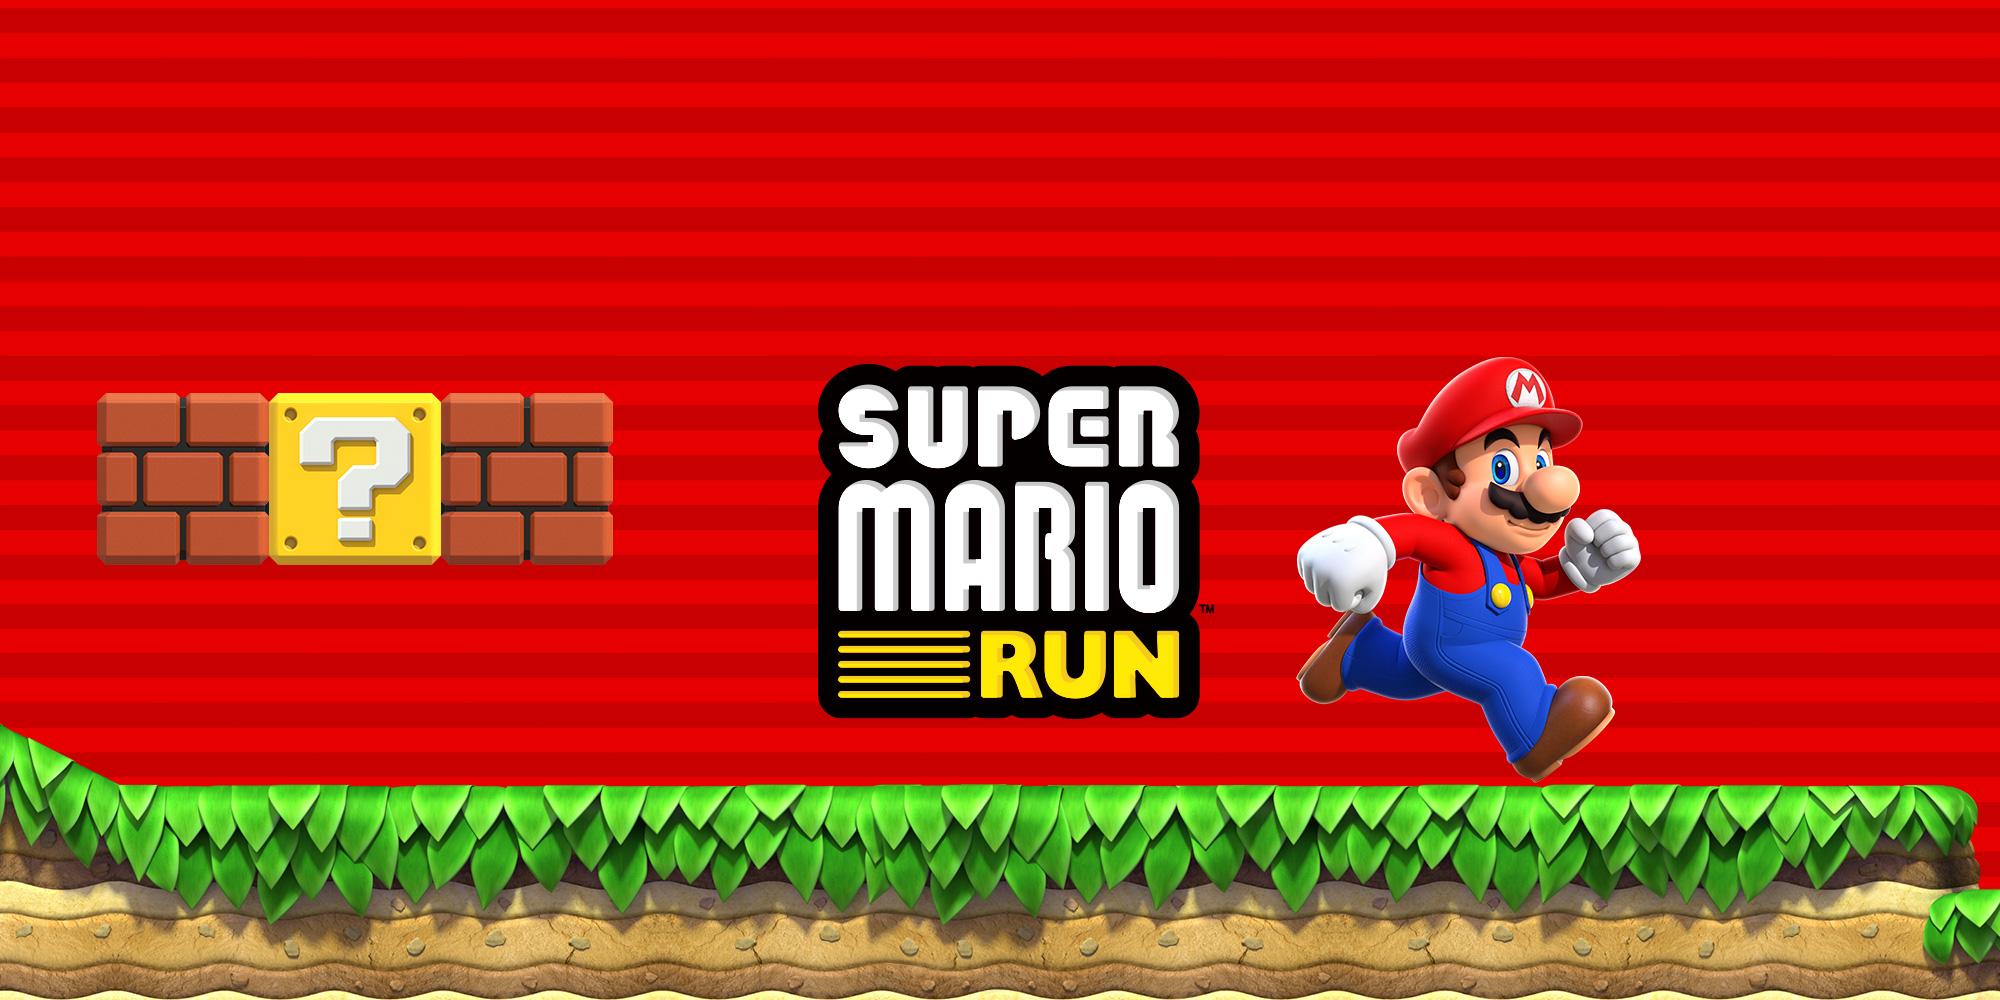 Super Mario Run, si stimano 1,5 miliardi di download